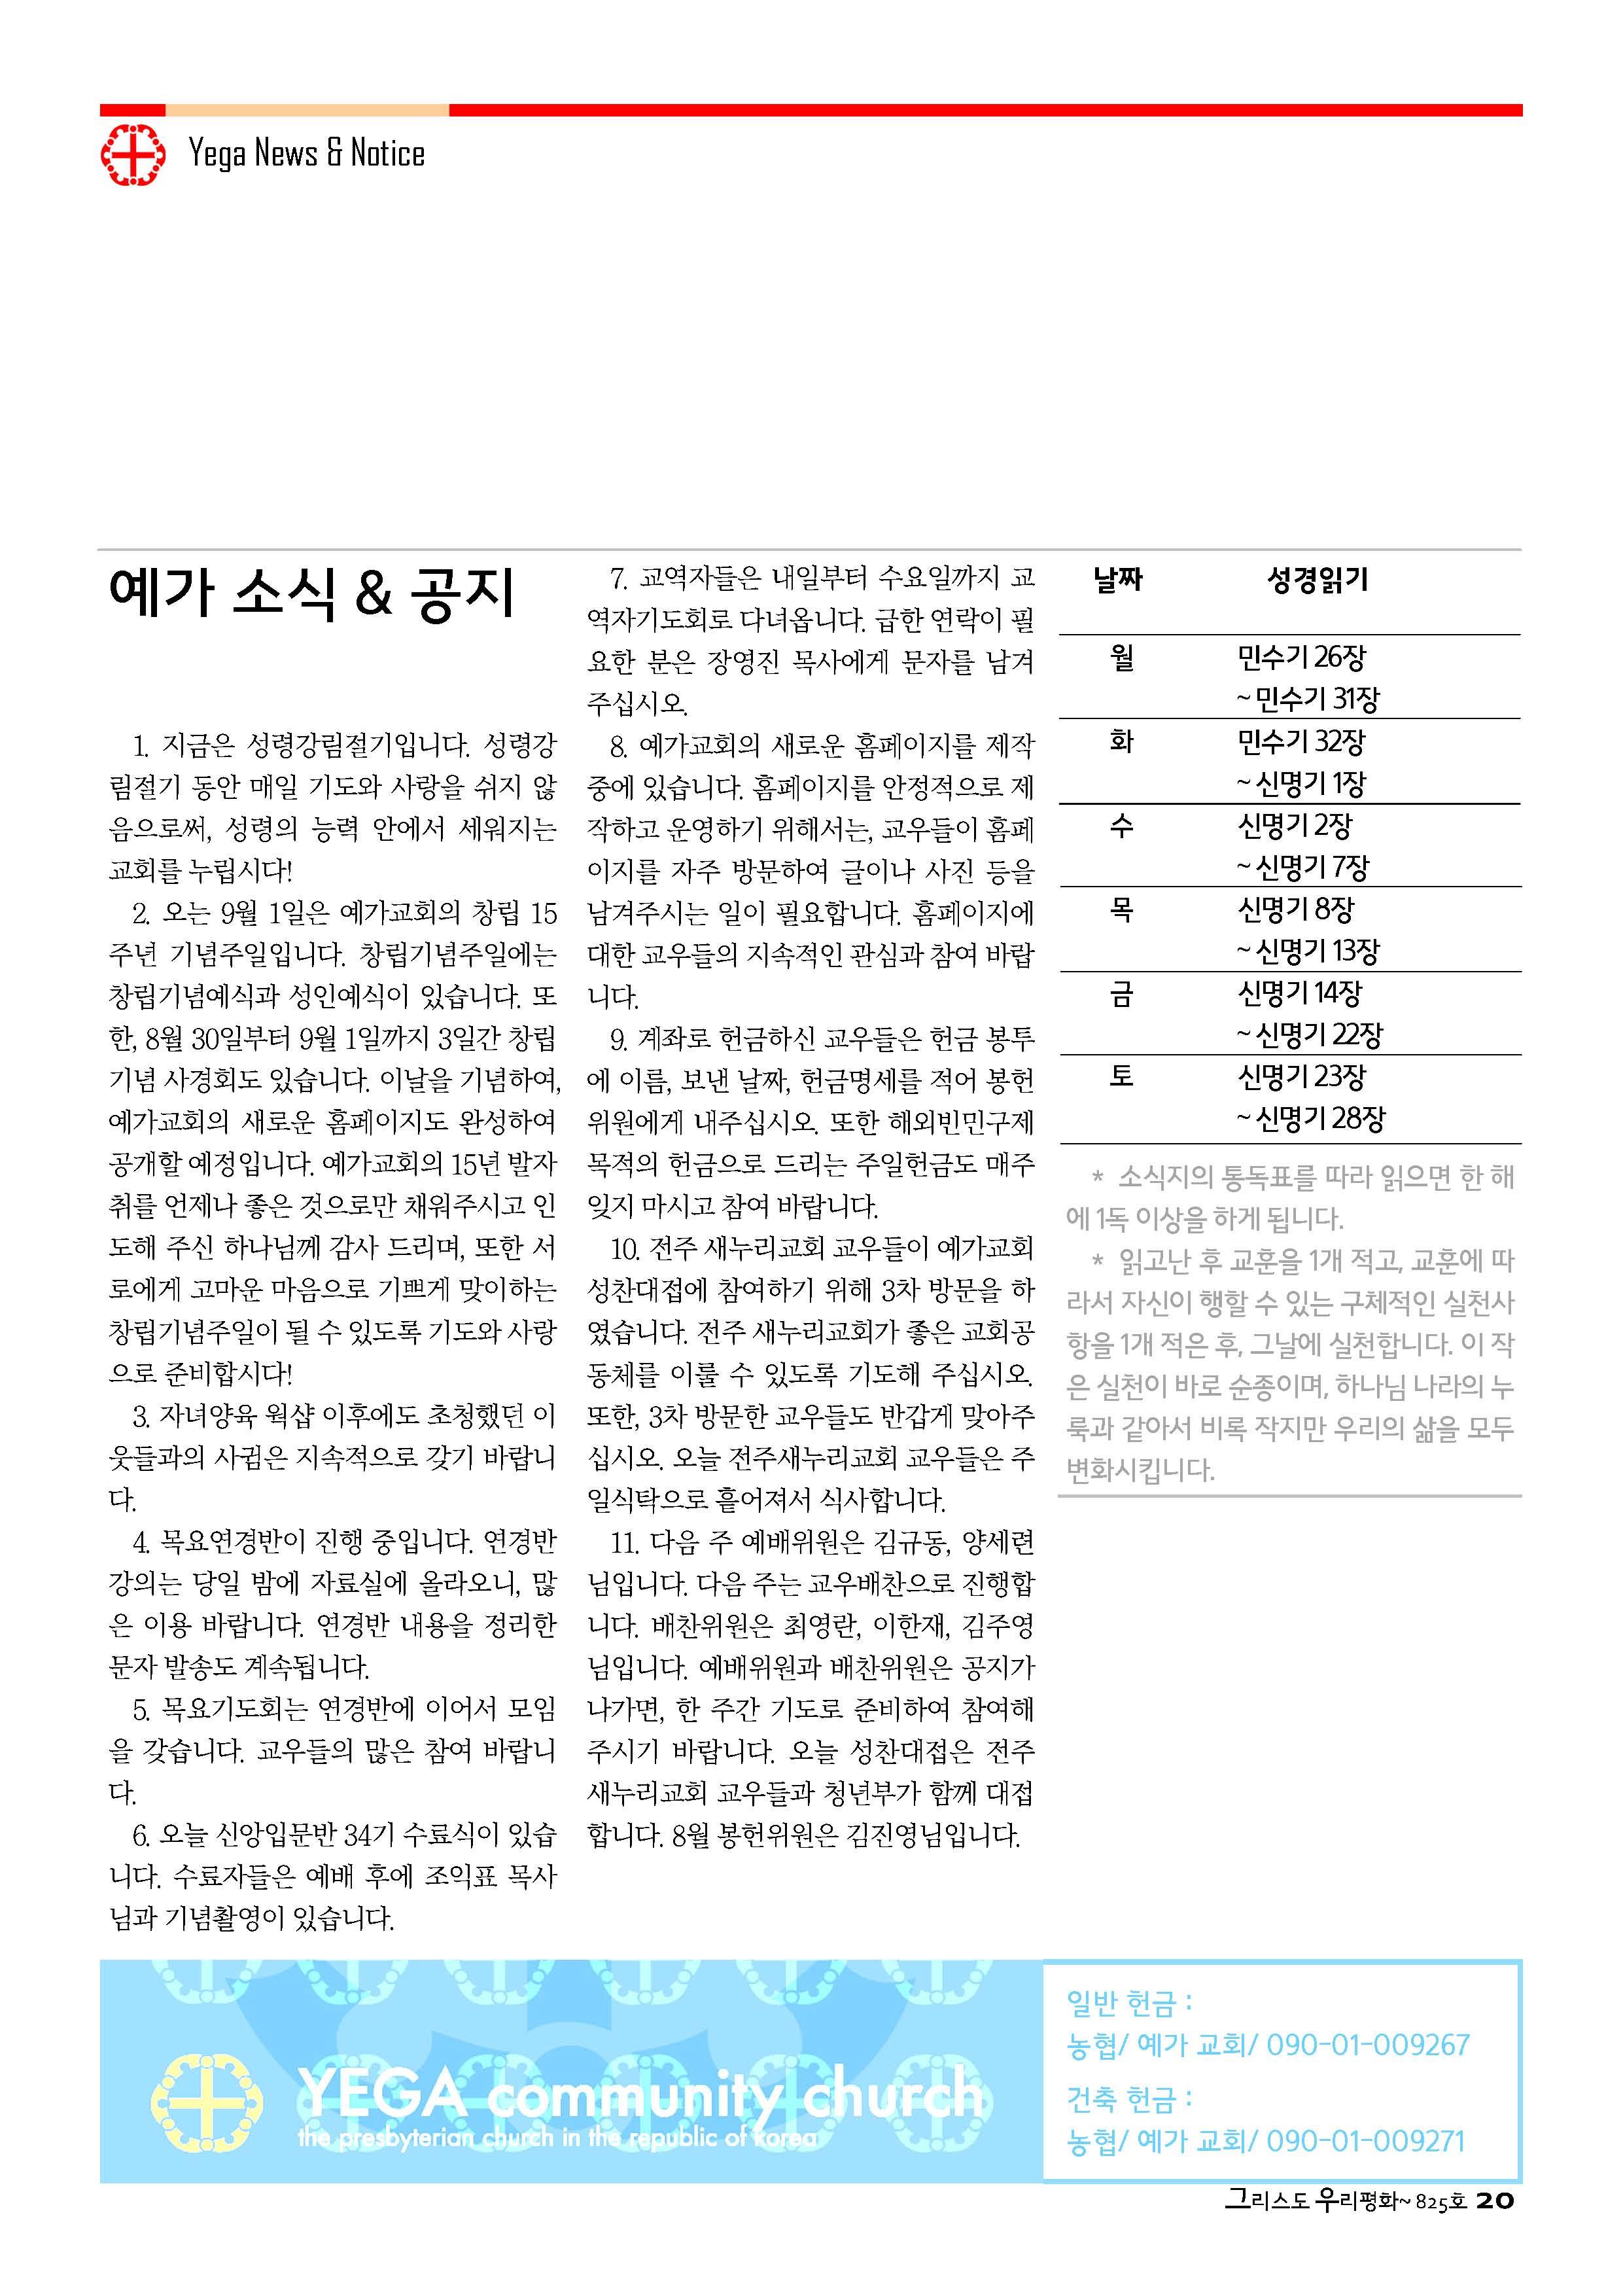 13sdjb0818_Page_20.jpg